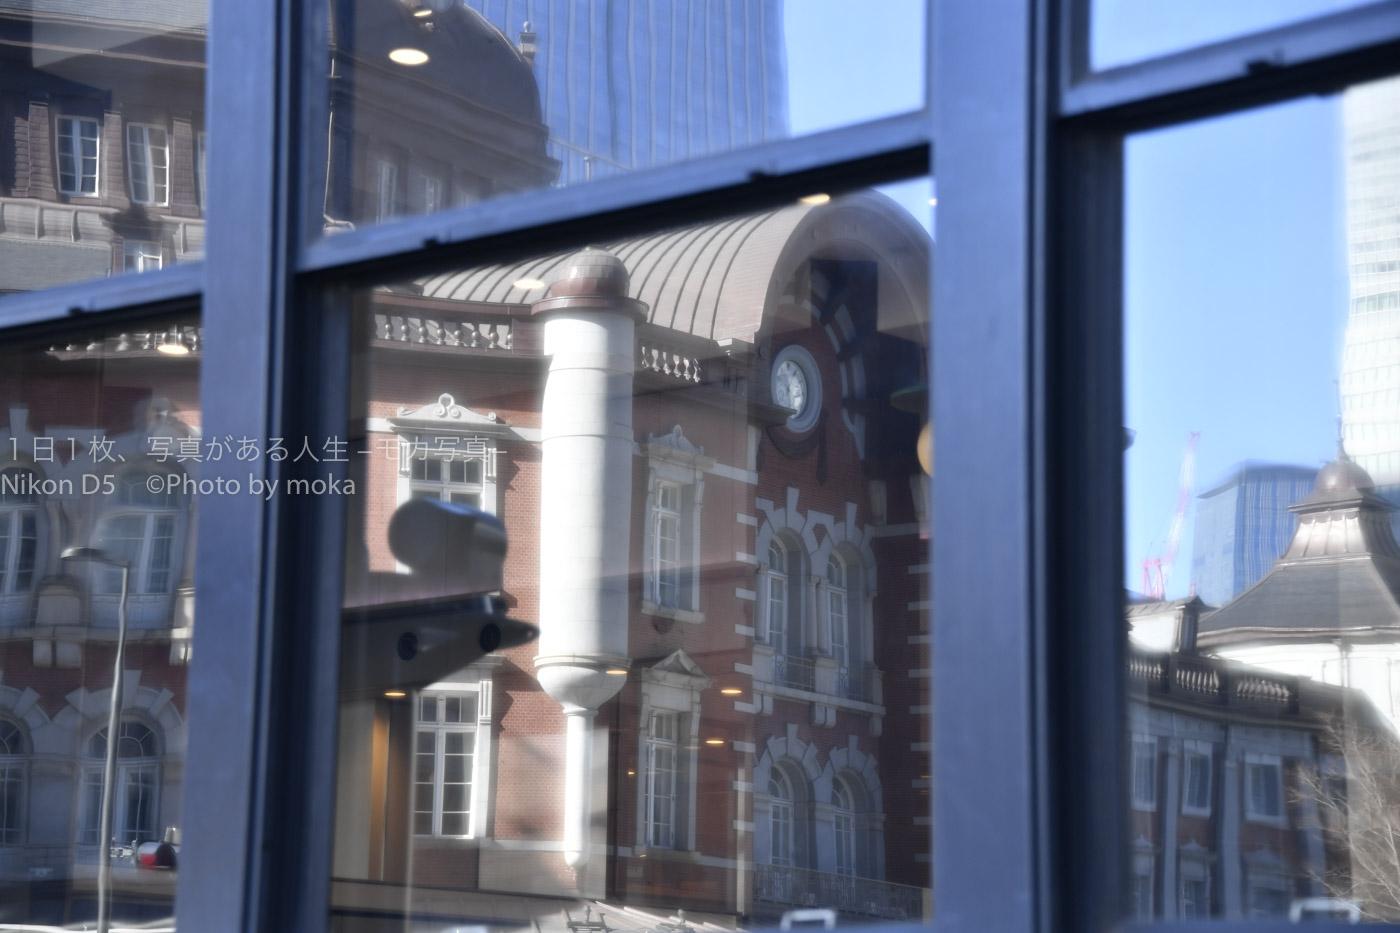 【東京駅スナップ撮影】東京駅周辺で写真撮影を楽しむ!!